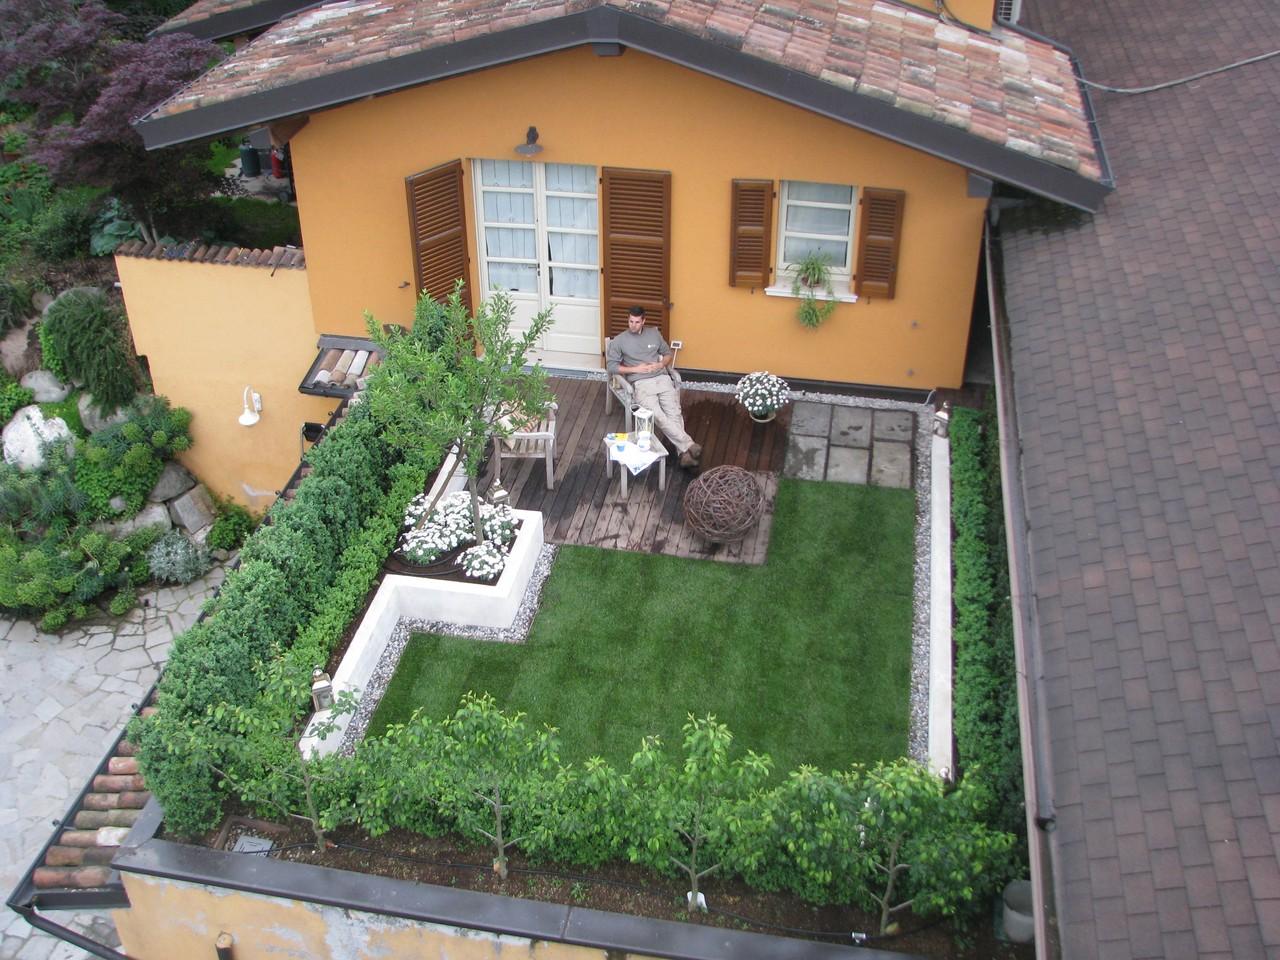 Terrazza a brescia giardino pensile i nostri lavori for Soluzioni giardini pensili